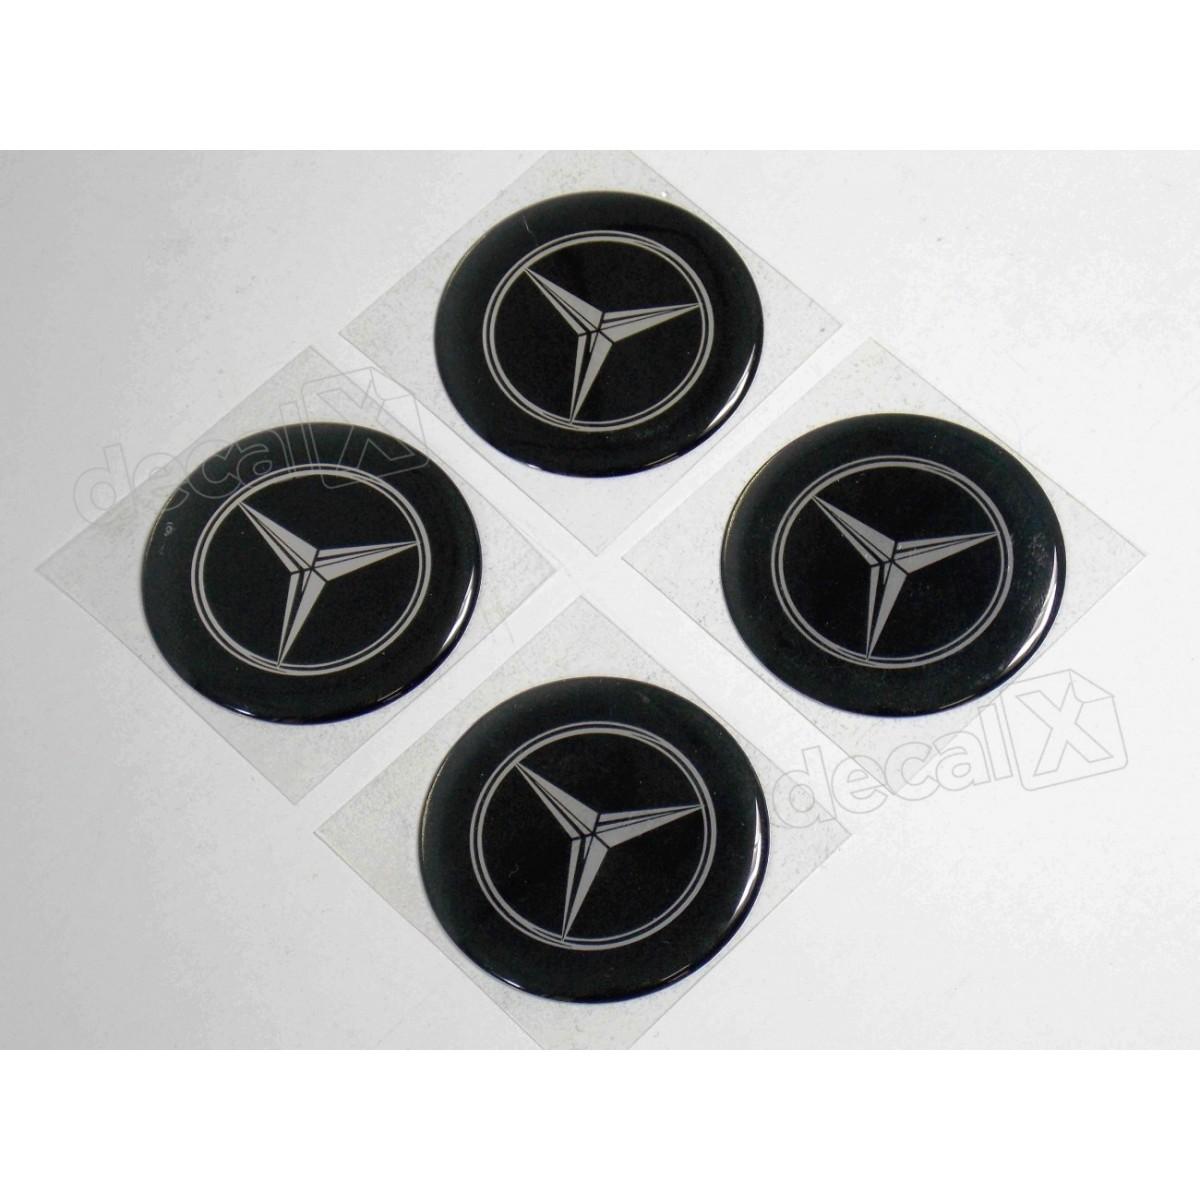 Adesivo Emblema Resinado Roda Mercedes 55mm Cl4 Decalx